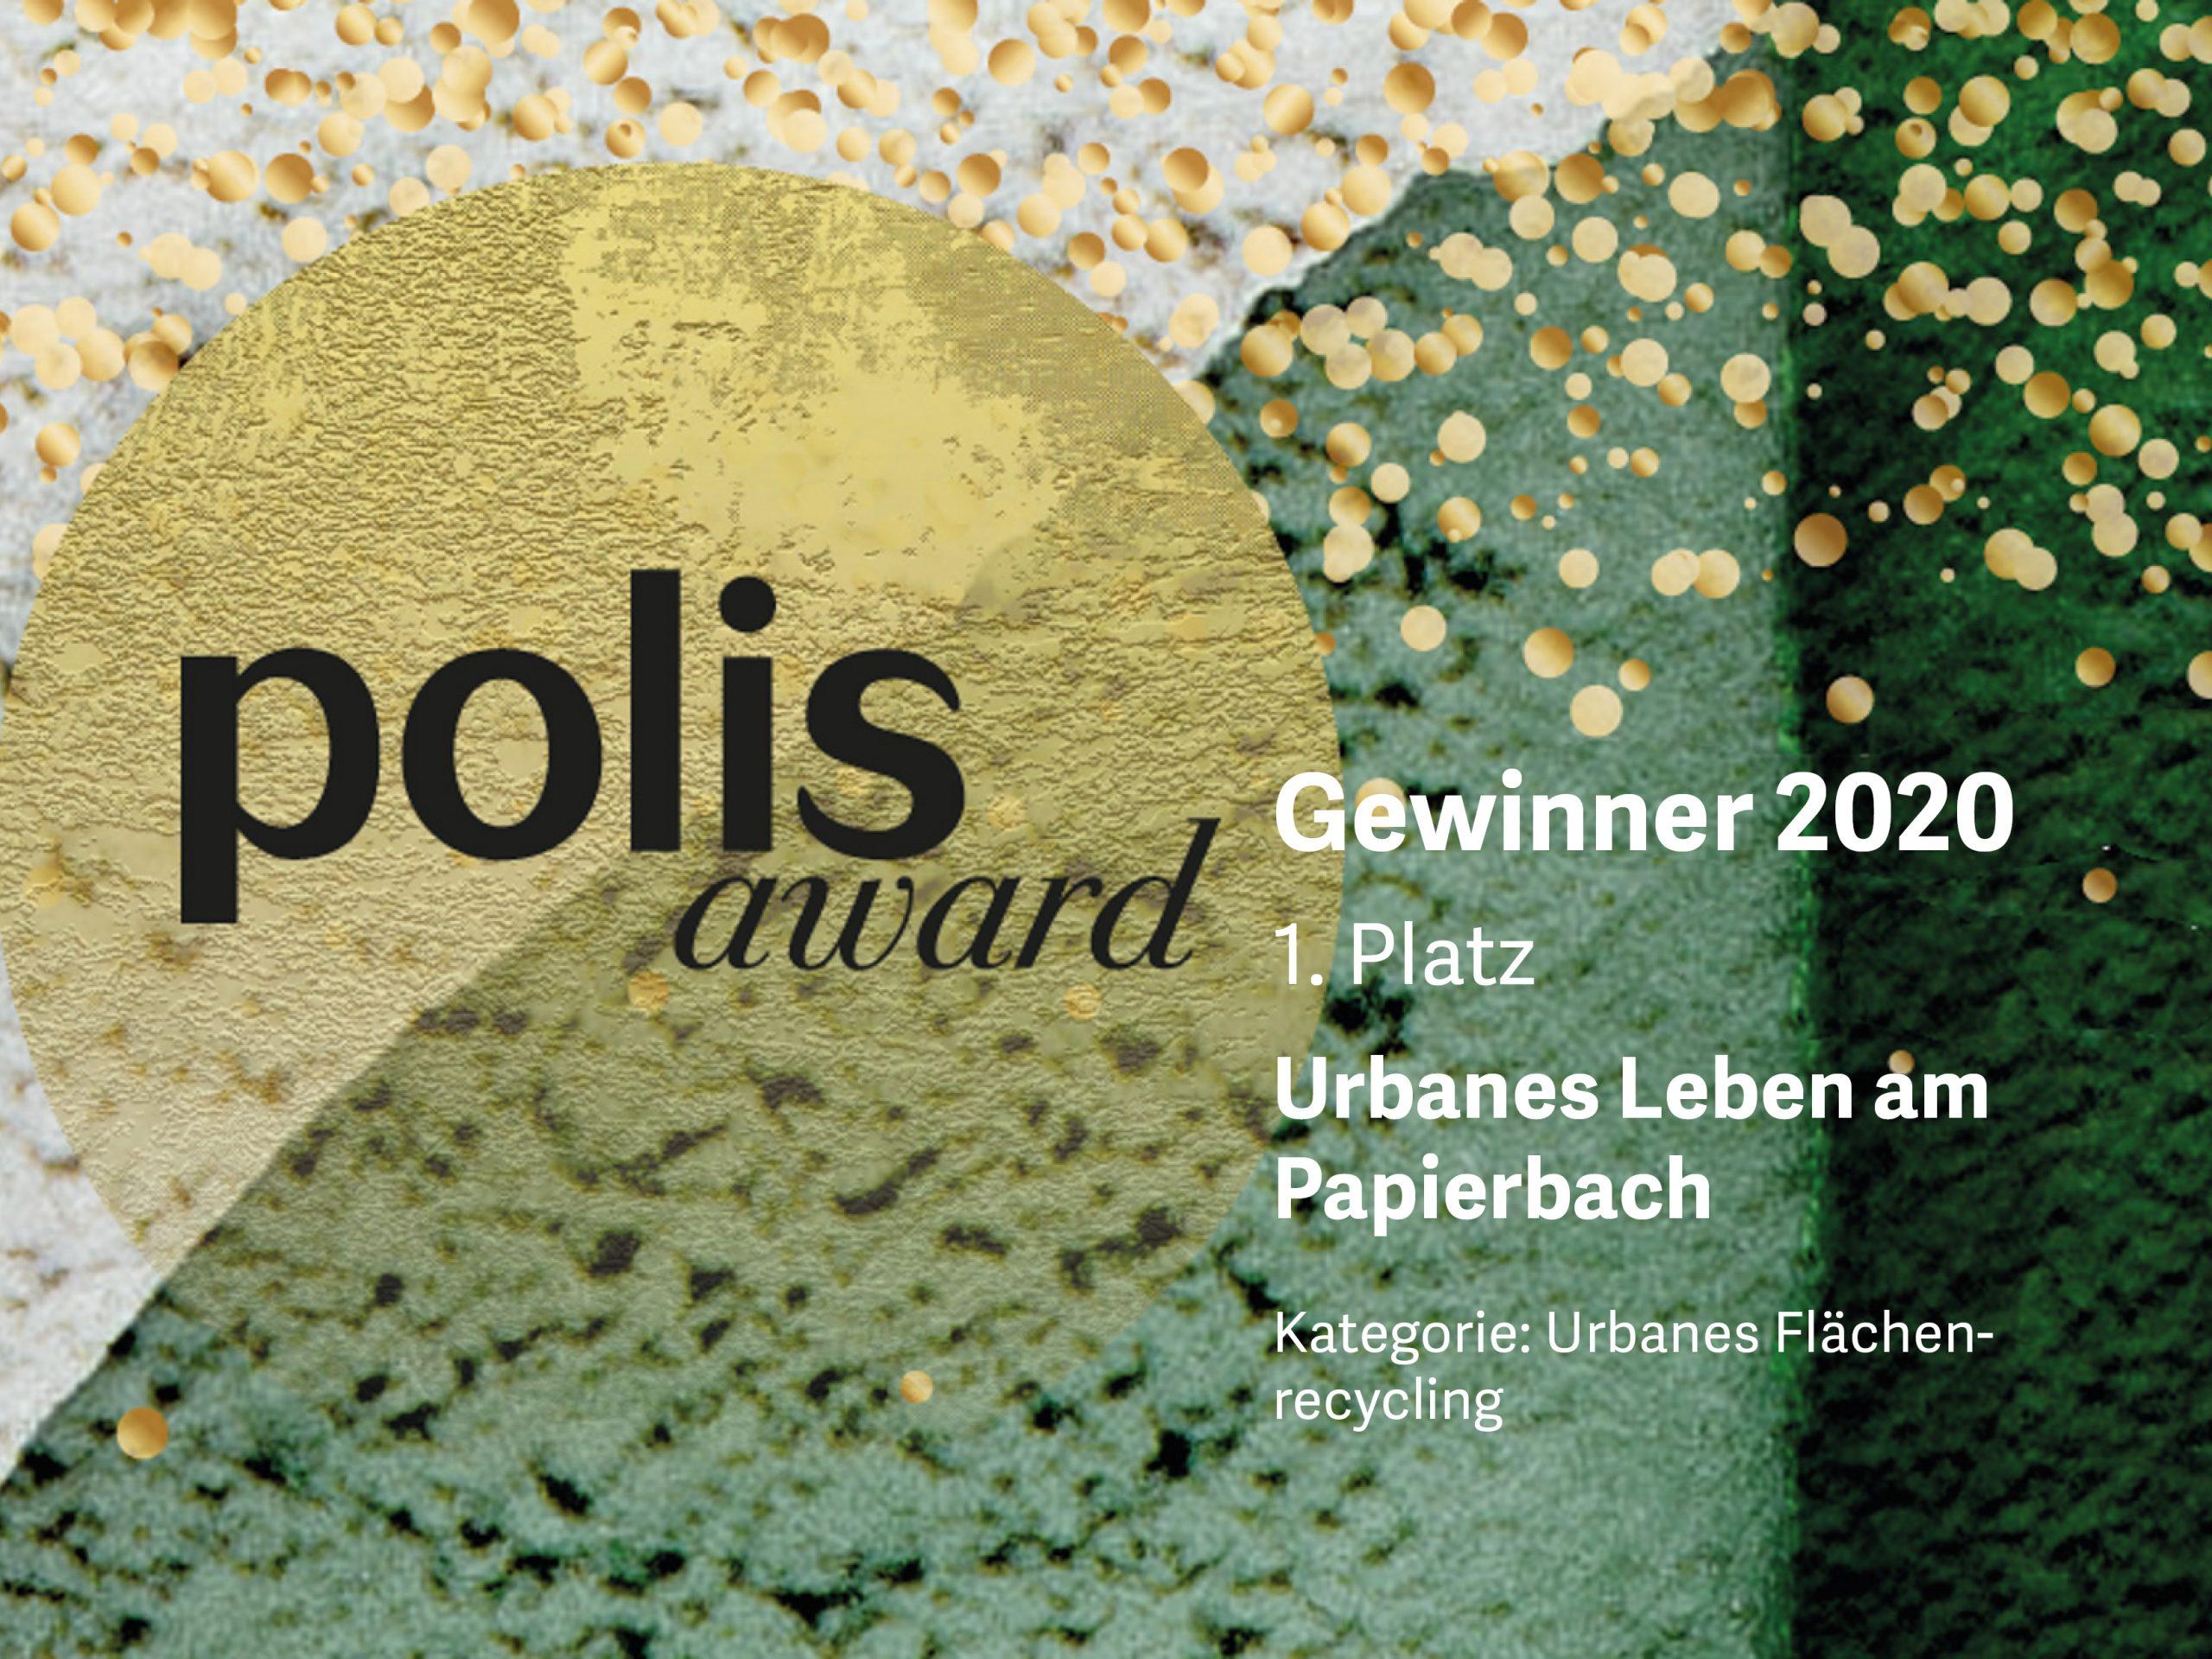 polis Award: 1. Platz für Urbanes Leben am Papierbach in der Kategorie Urbanes Flächenrecycling